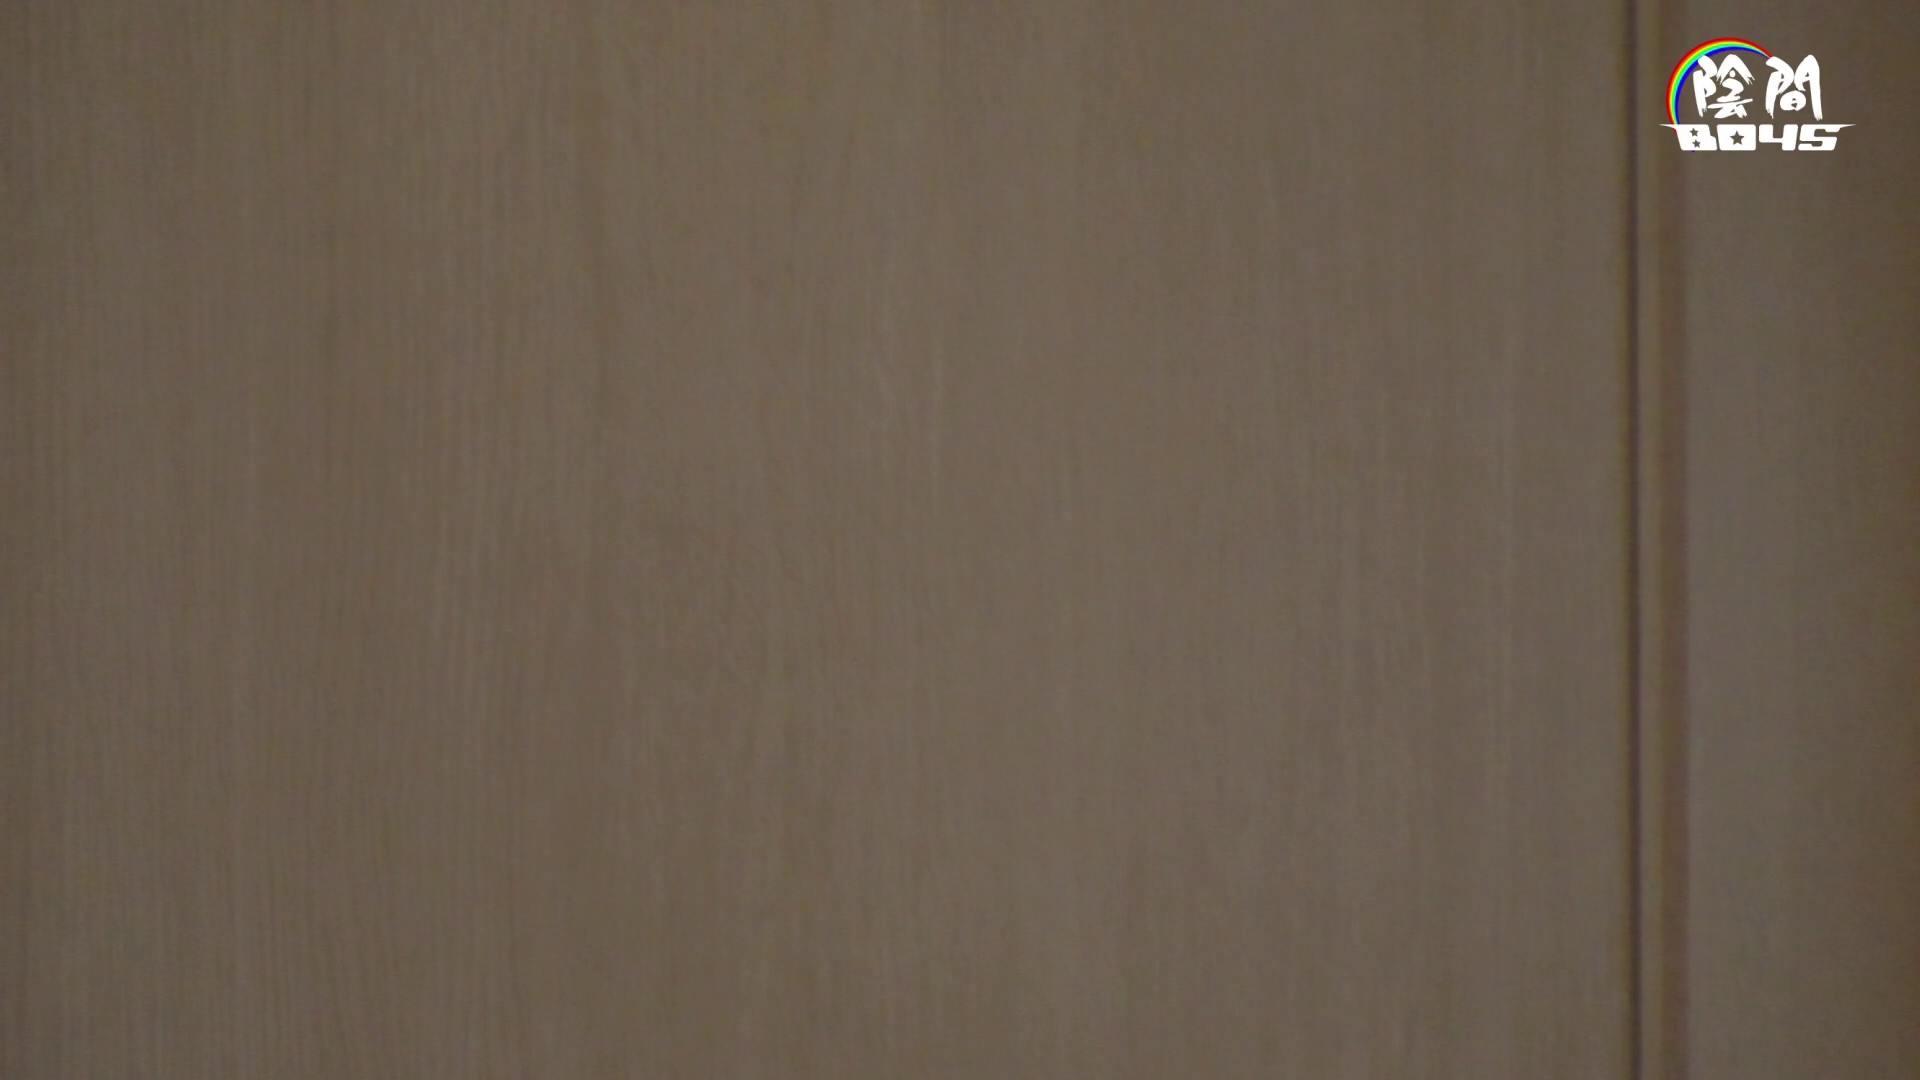 「君のアナルは」part2 ~ノンケの素顔~ Vol.03 手コキ ゲイヌード画像 93pic 66